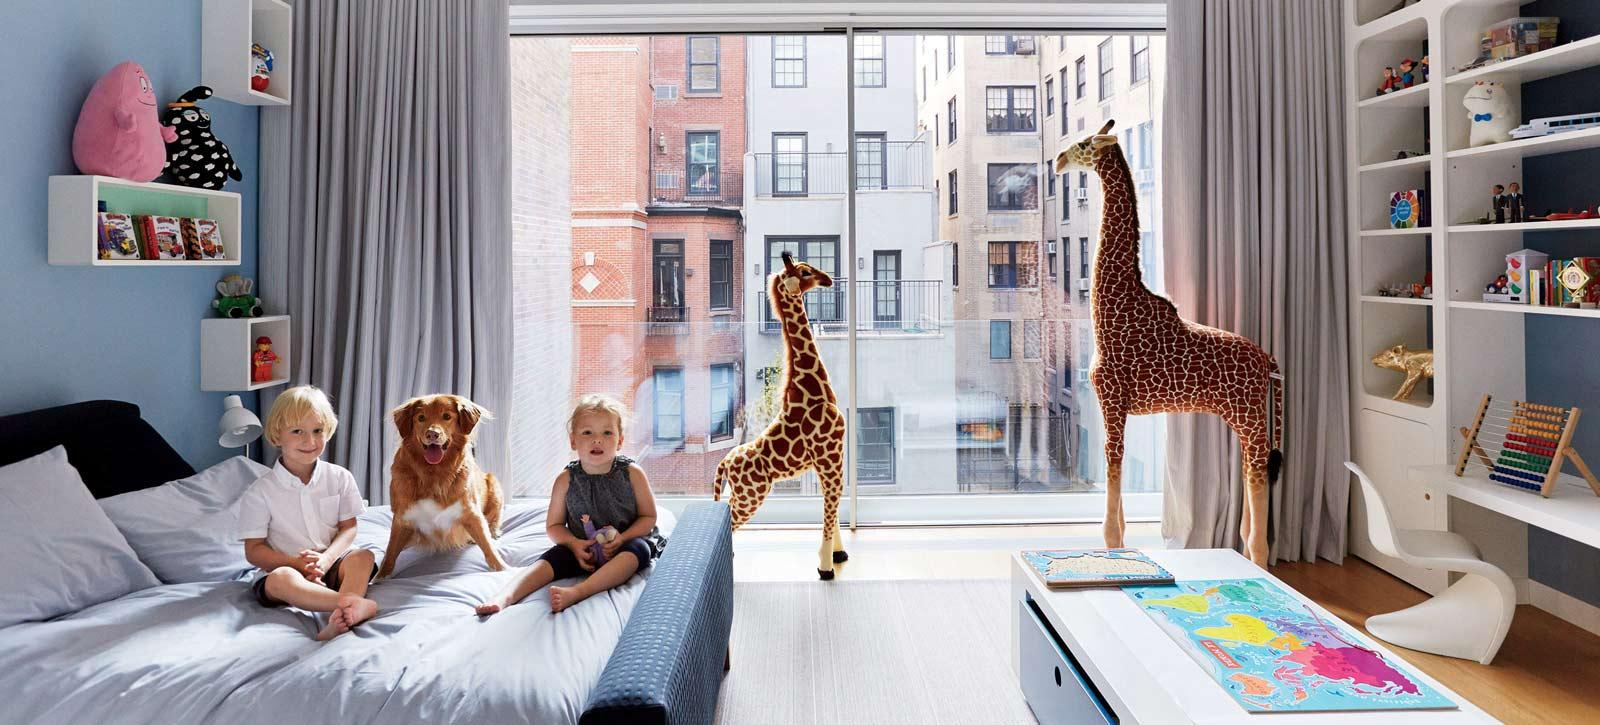 دکوراسیون اتاق خواب مشترک دو فرزند